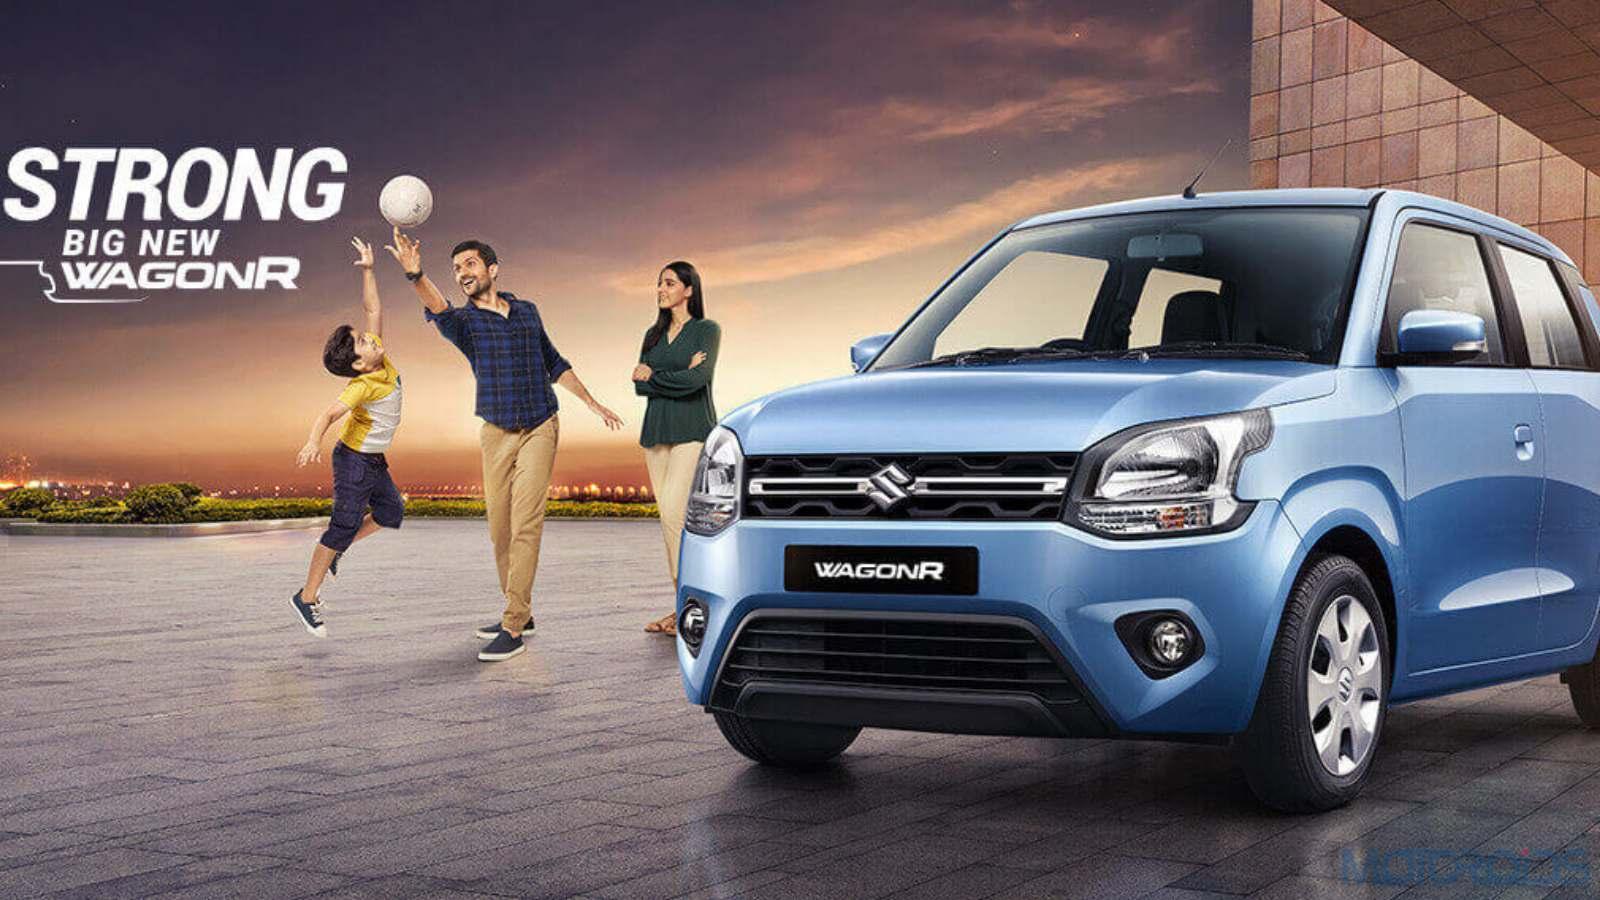 Maruti Suzuki, WagonR CNG, WagonR S Smart-CNG, Alto800, AltoK10, WagonR, Celerio, Eeco, Super Carry, Tour S, Automobile news, Car and Bike news